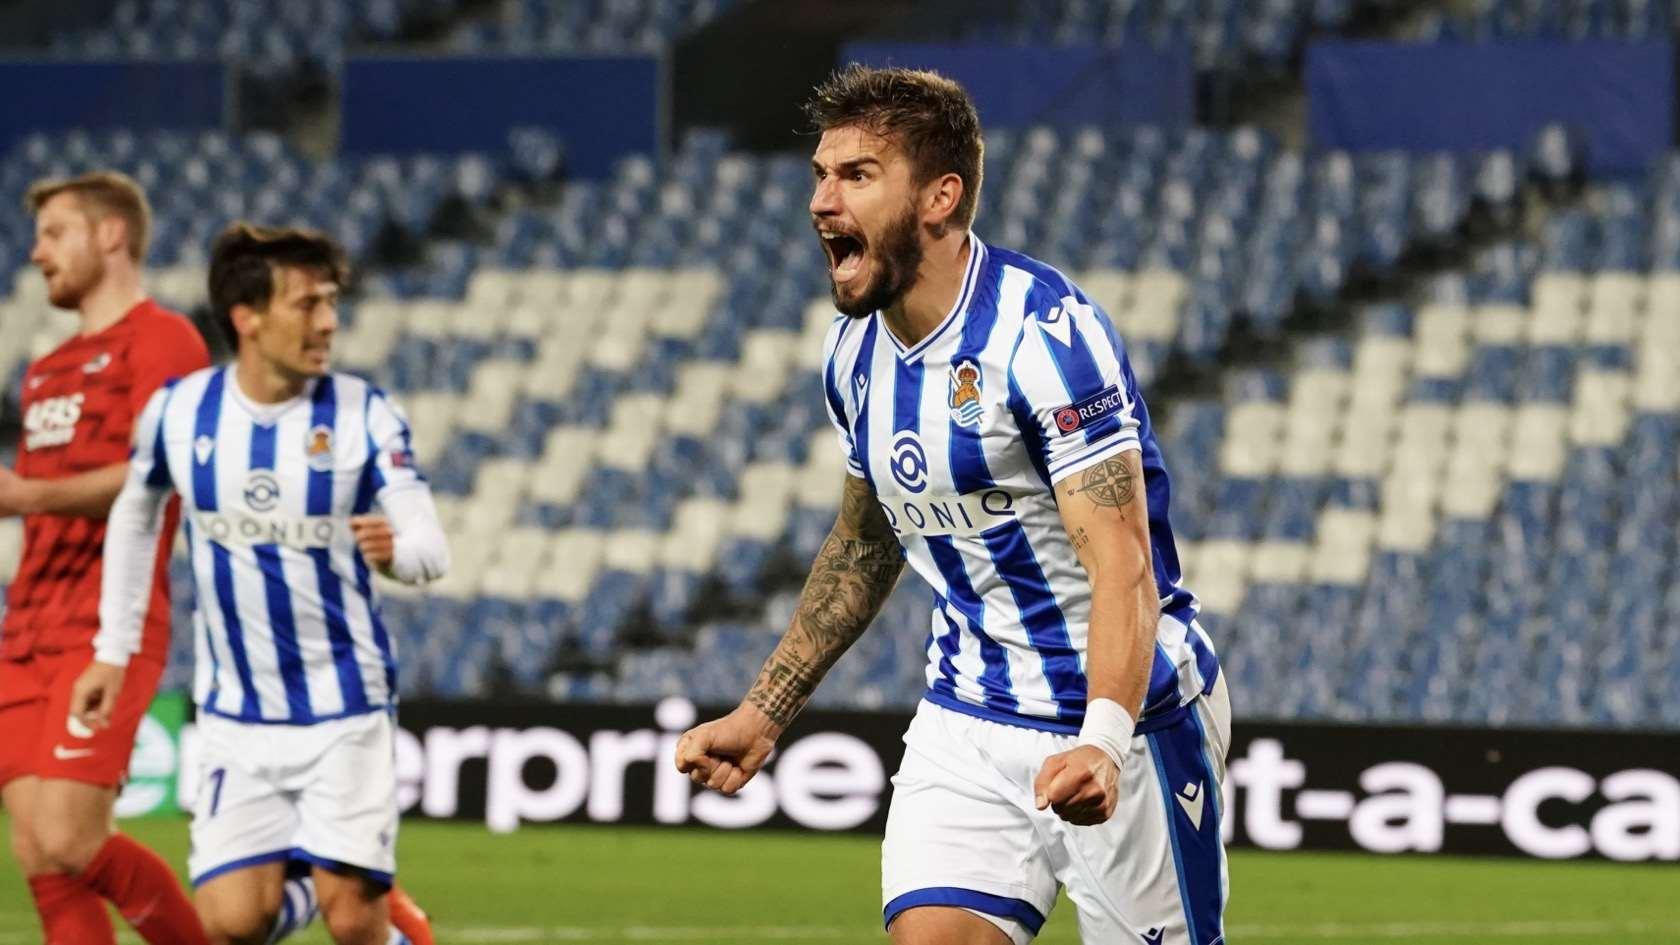 Clear victory - Real Sociedad de Football S.A.D.